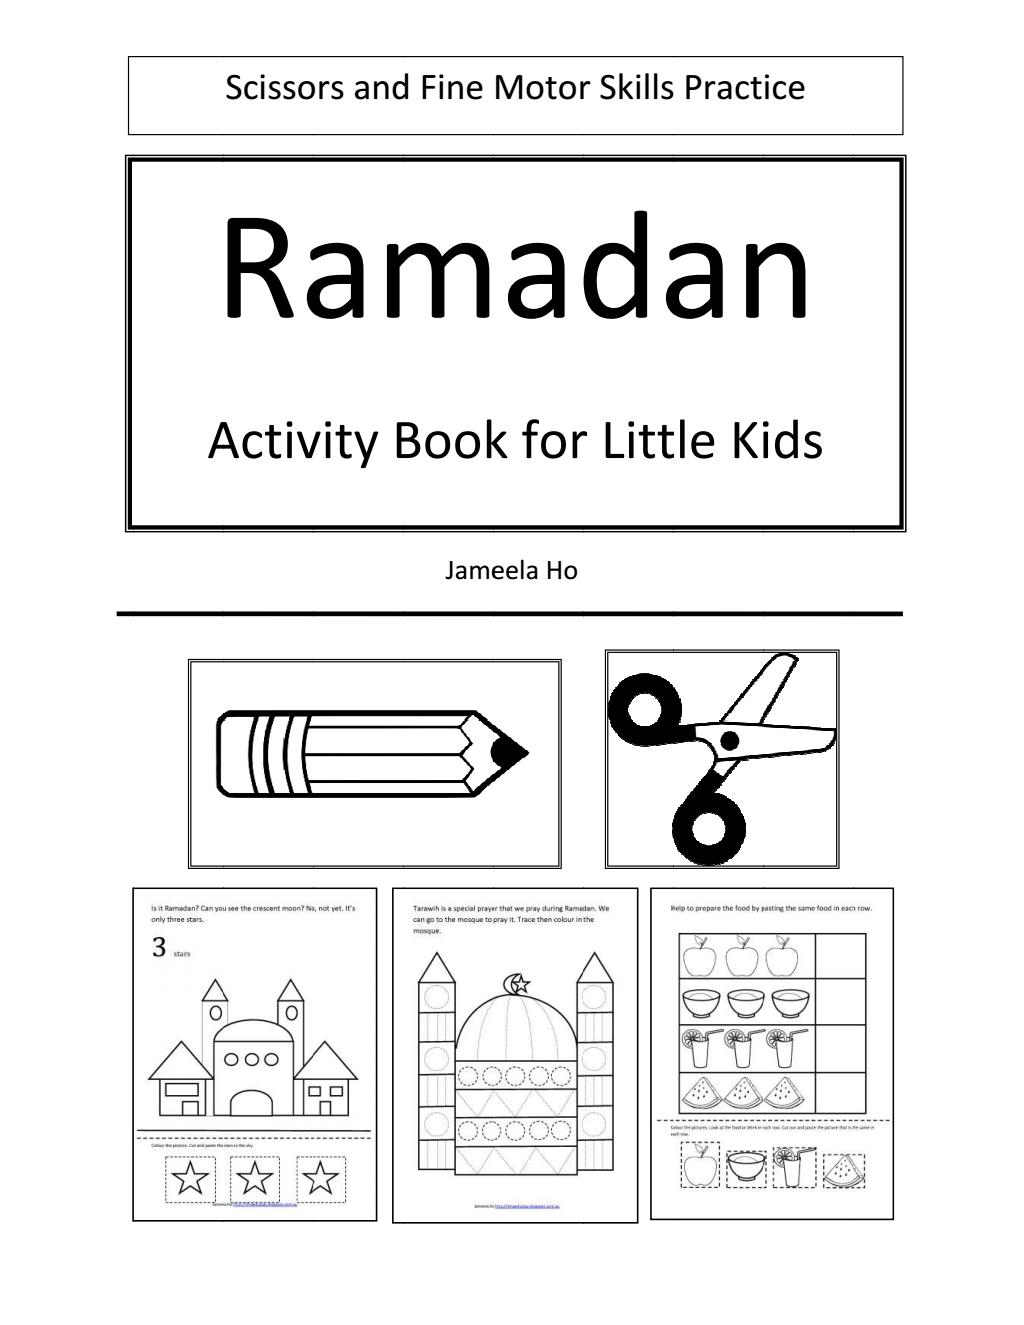 Ramadan Activity Book For Little Kids